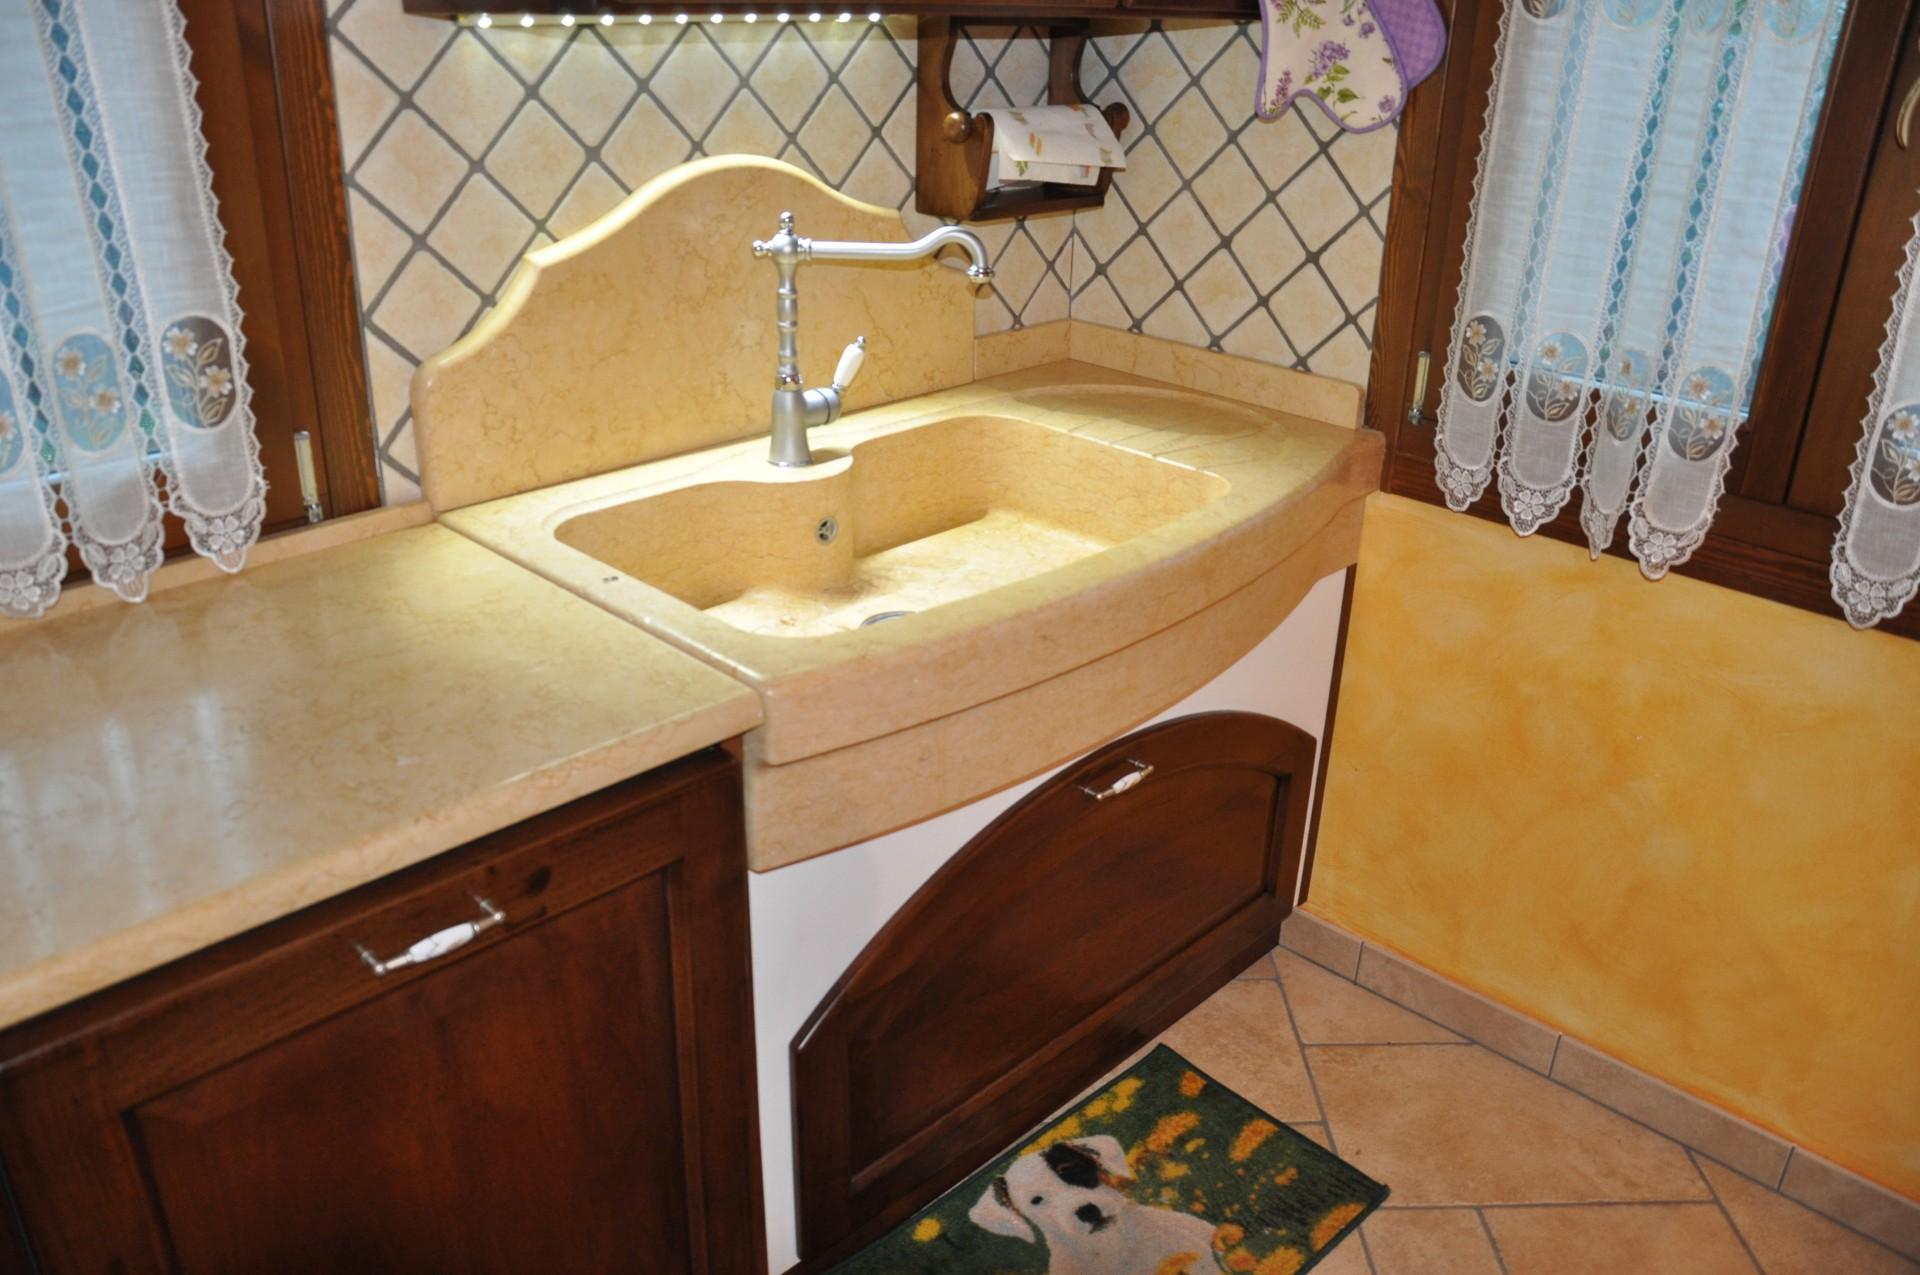 Cucina in muratura fadini mobili cerea verona - Mobili bagno in muratura moderni ...